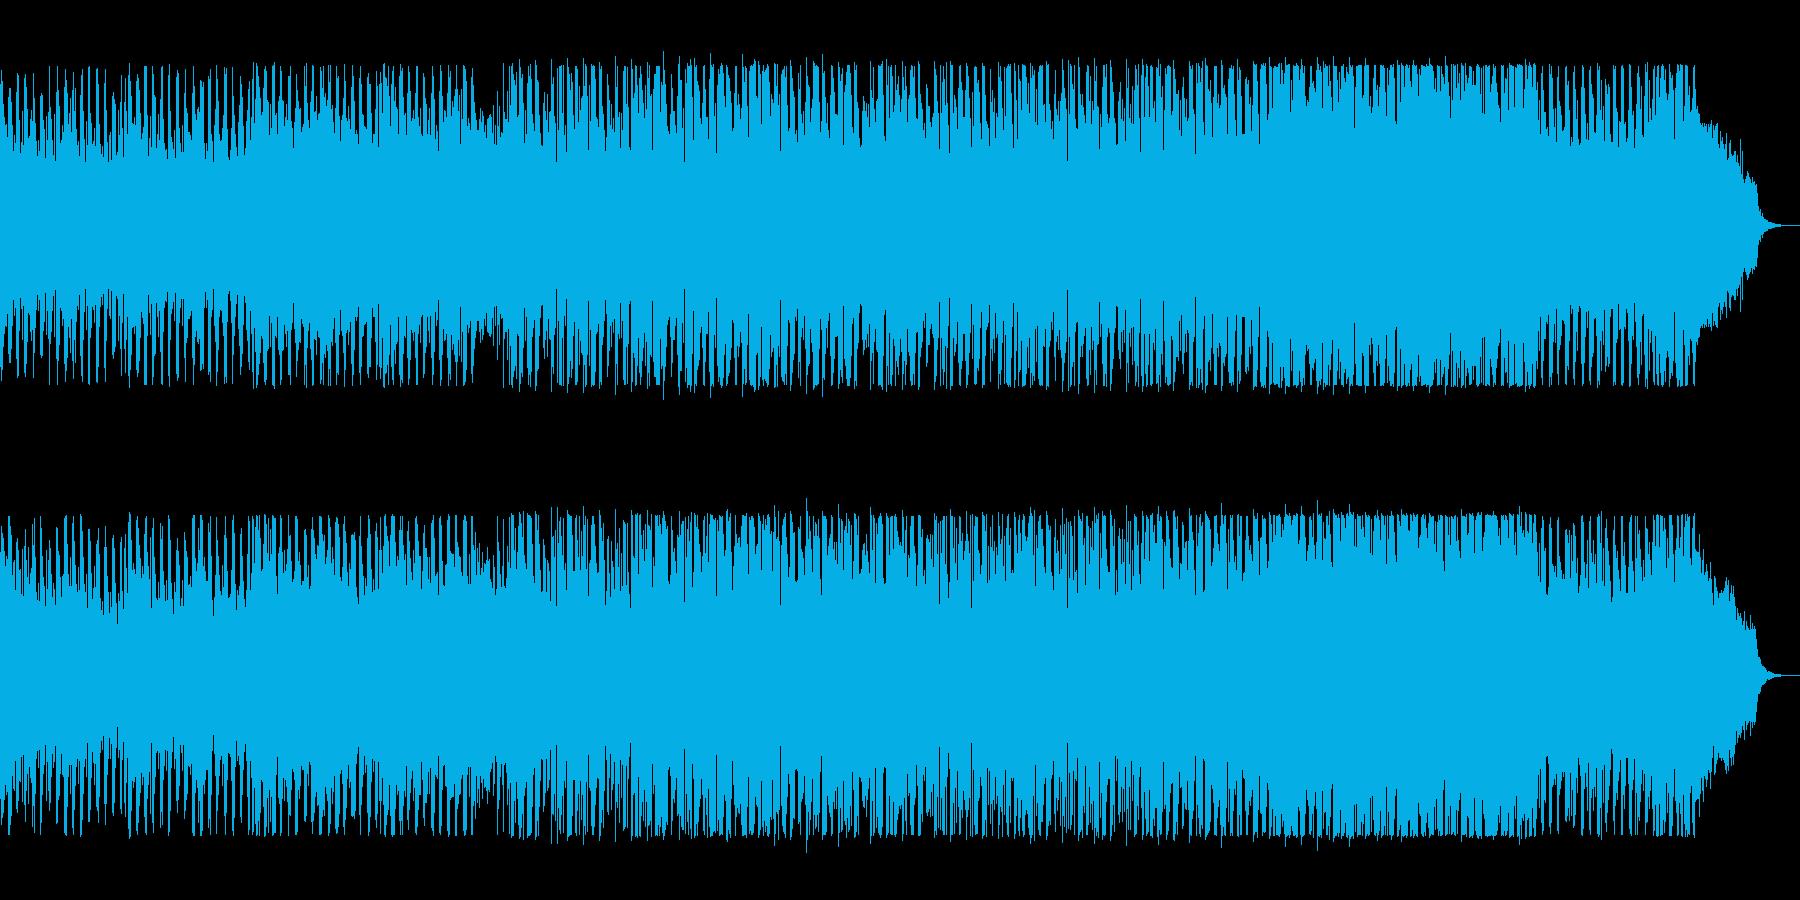 レトロ電子音のディスコサウンドの再生済みの波形